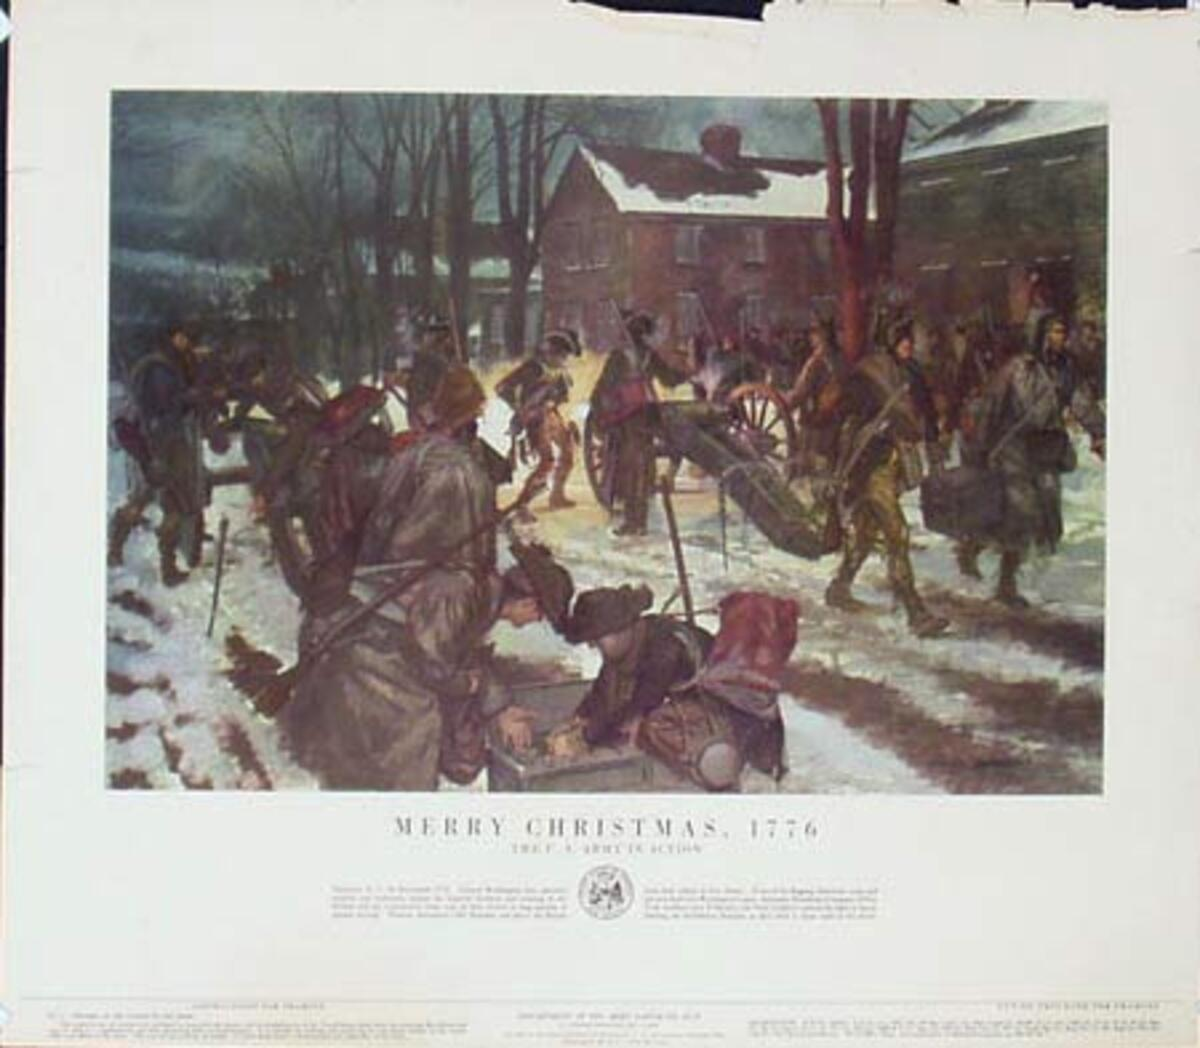 Merry Xmas 1776 U.S. Army in Action Original Vintage Army Propaganda Poster